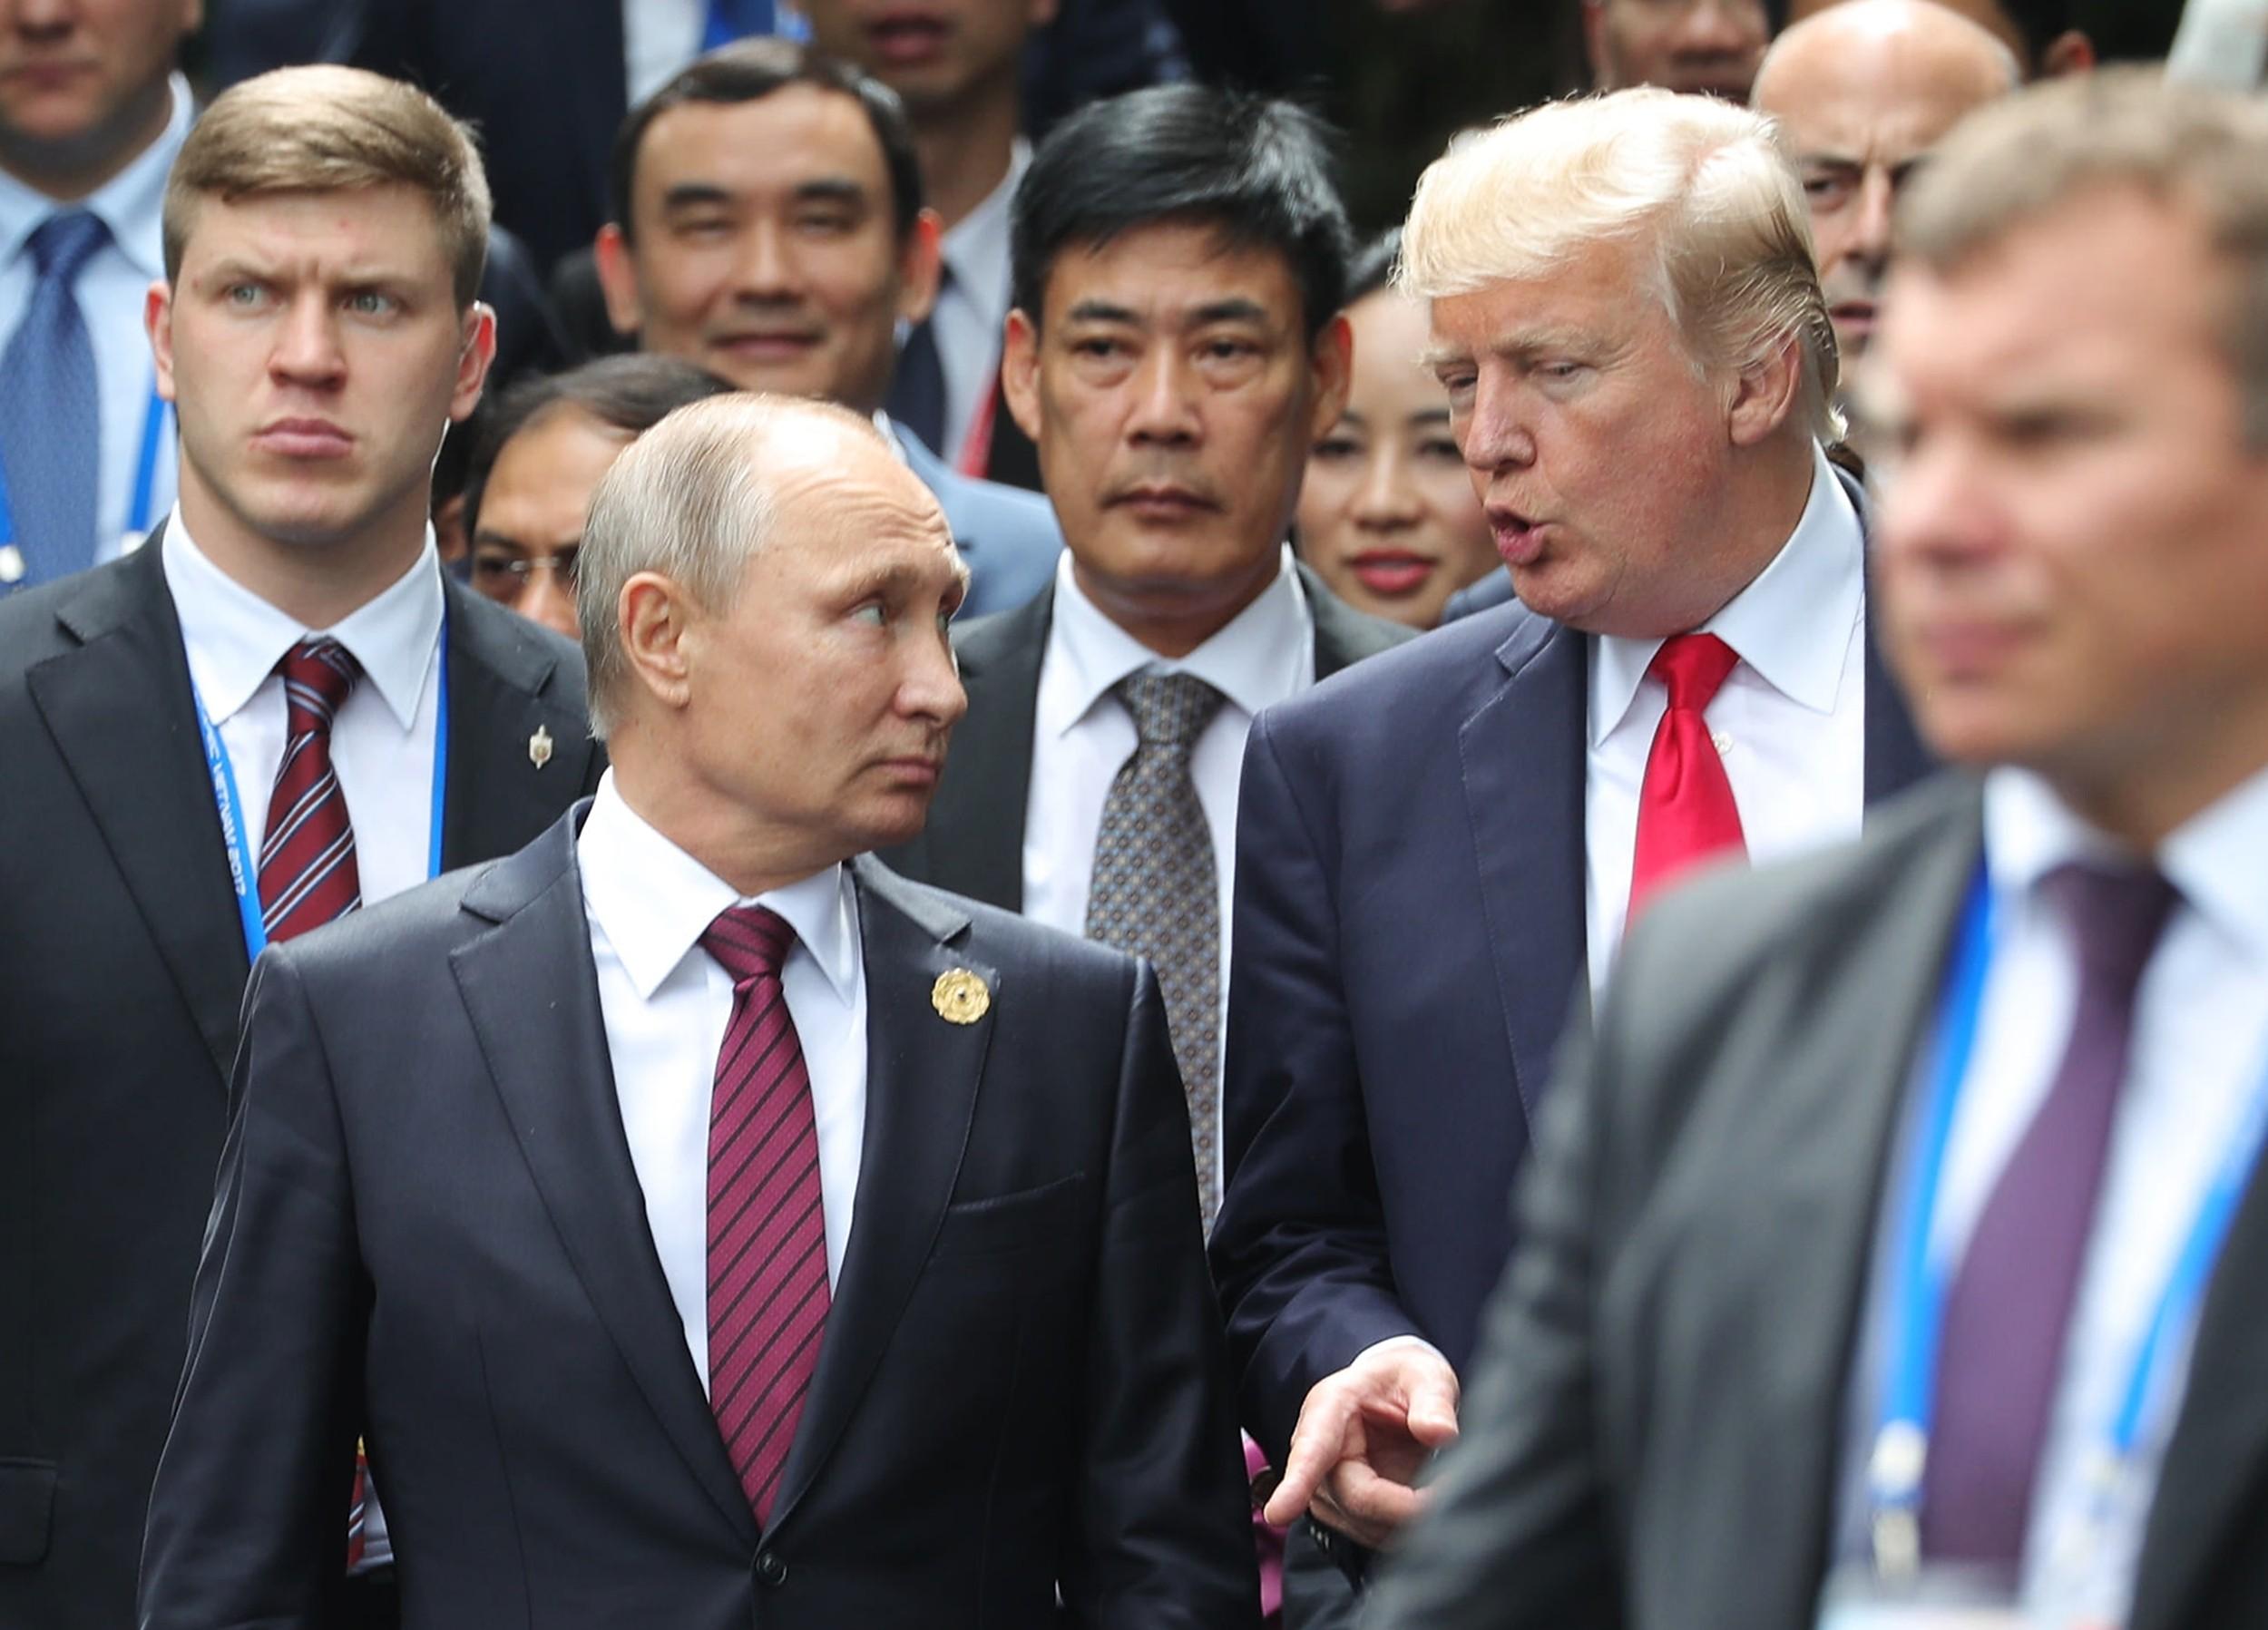 <p>Президент РФ Владимир Путин и президент США Дональд Трамп. Фото: &copy;РИА Новости/Михаил Климентьев</p>